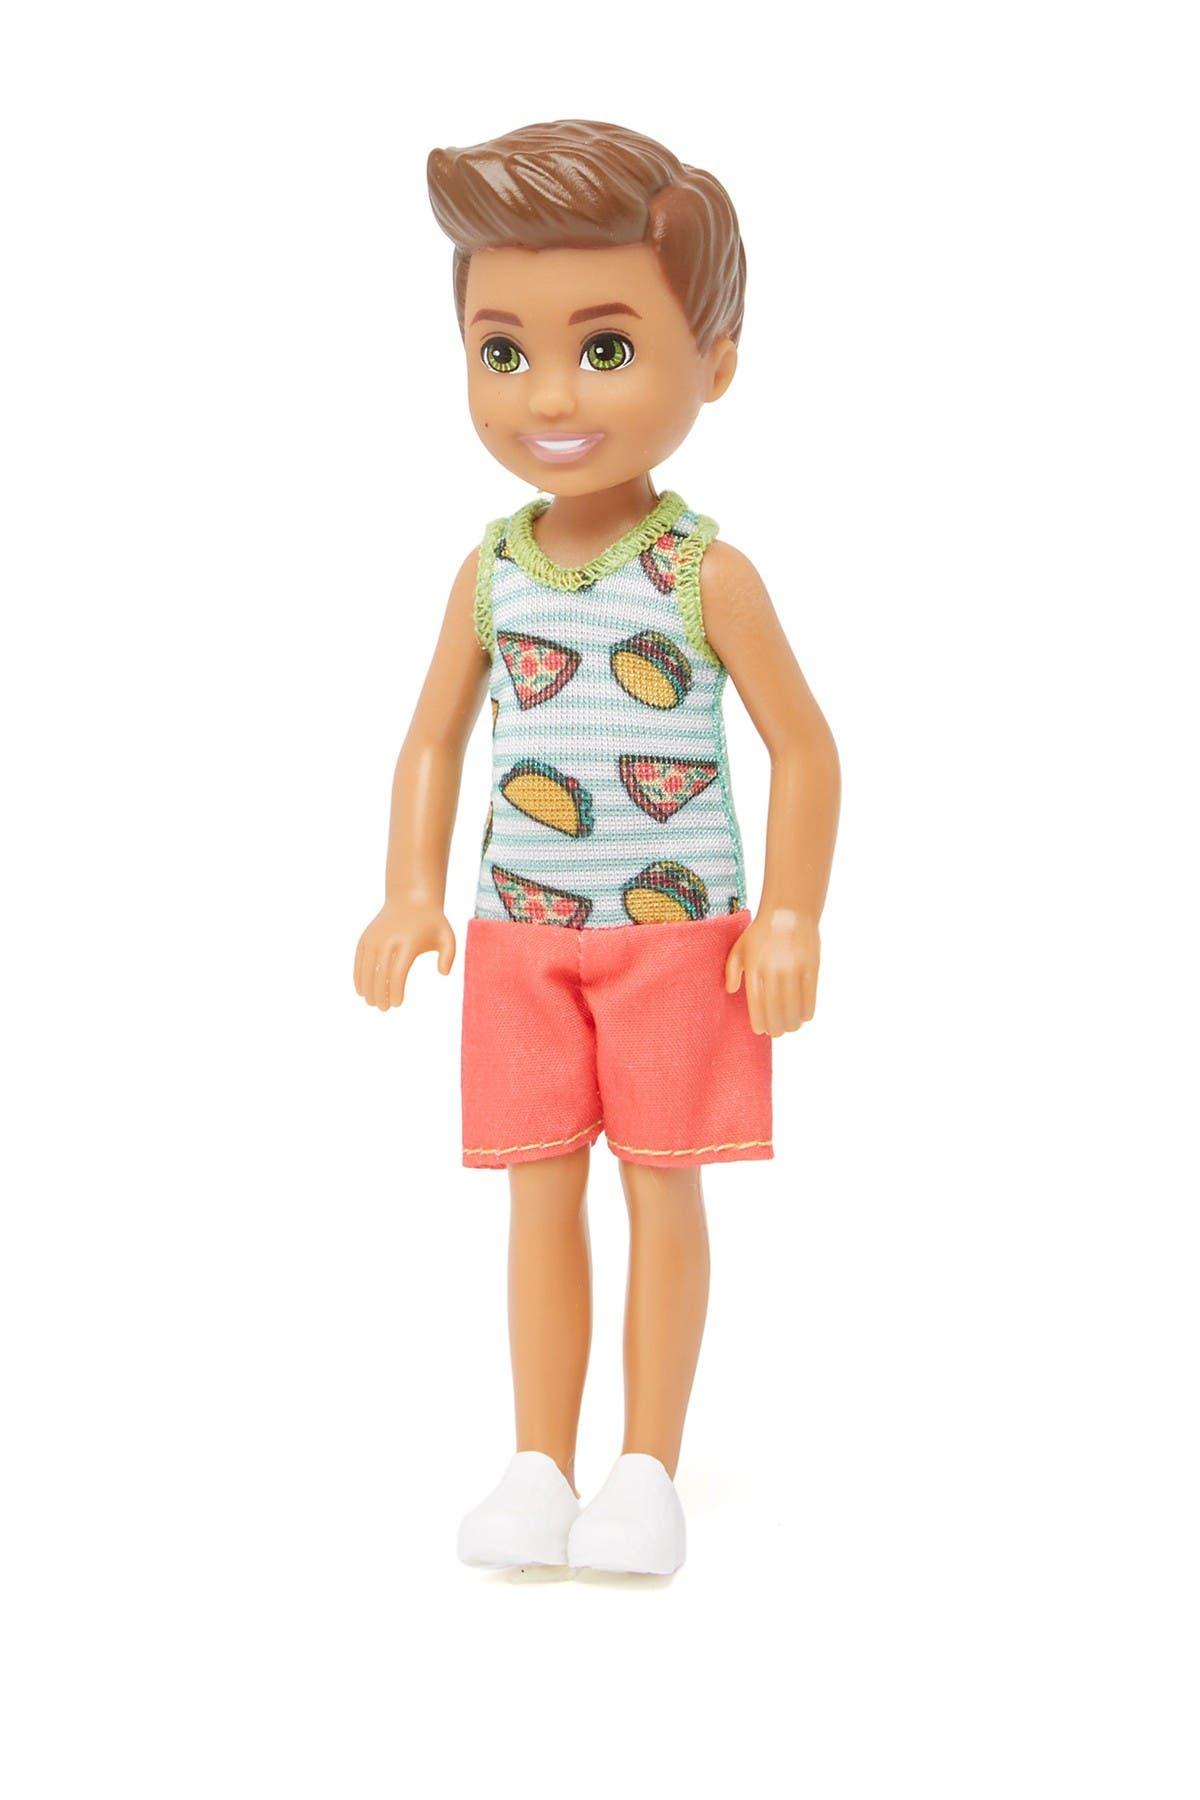 Barbie Chelsea Club Boy Doll New in Box